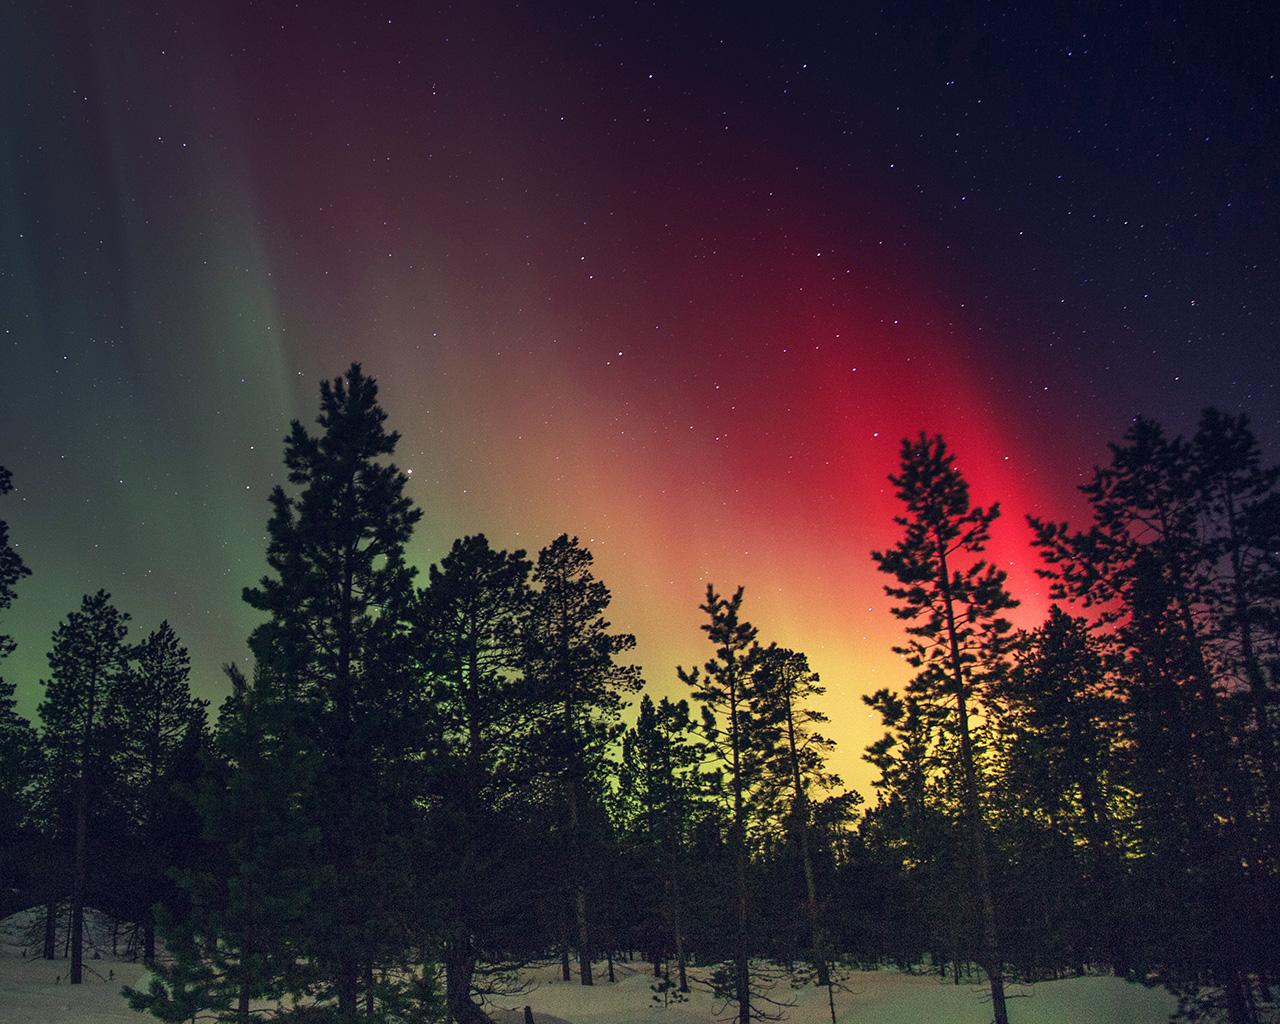 aurora very dark red - photo #17